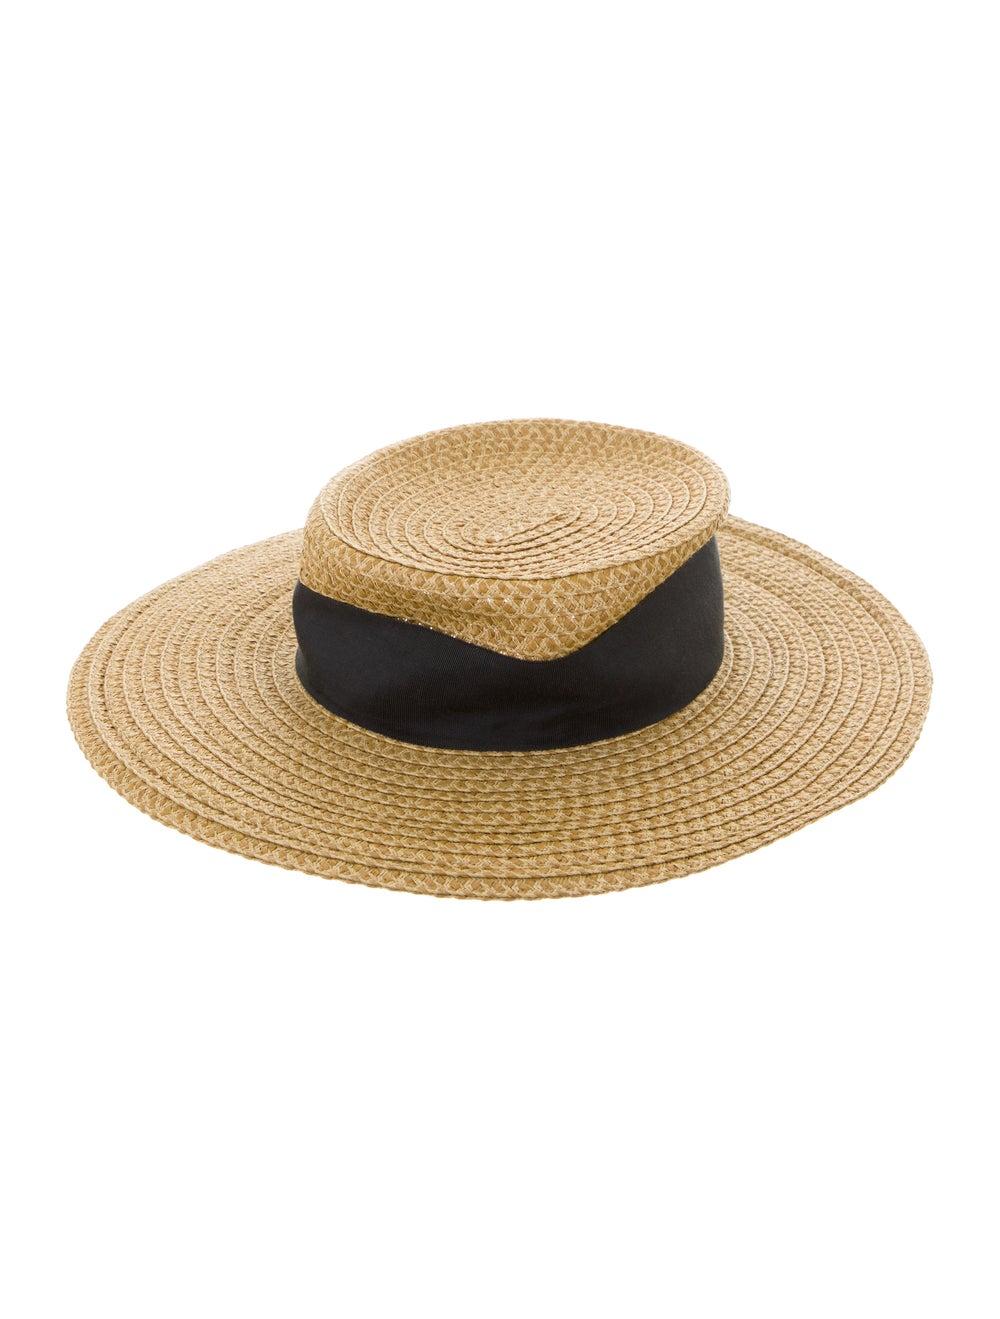 Eric Javits Straw Wide-Brim Hat Tan - image 2